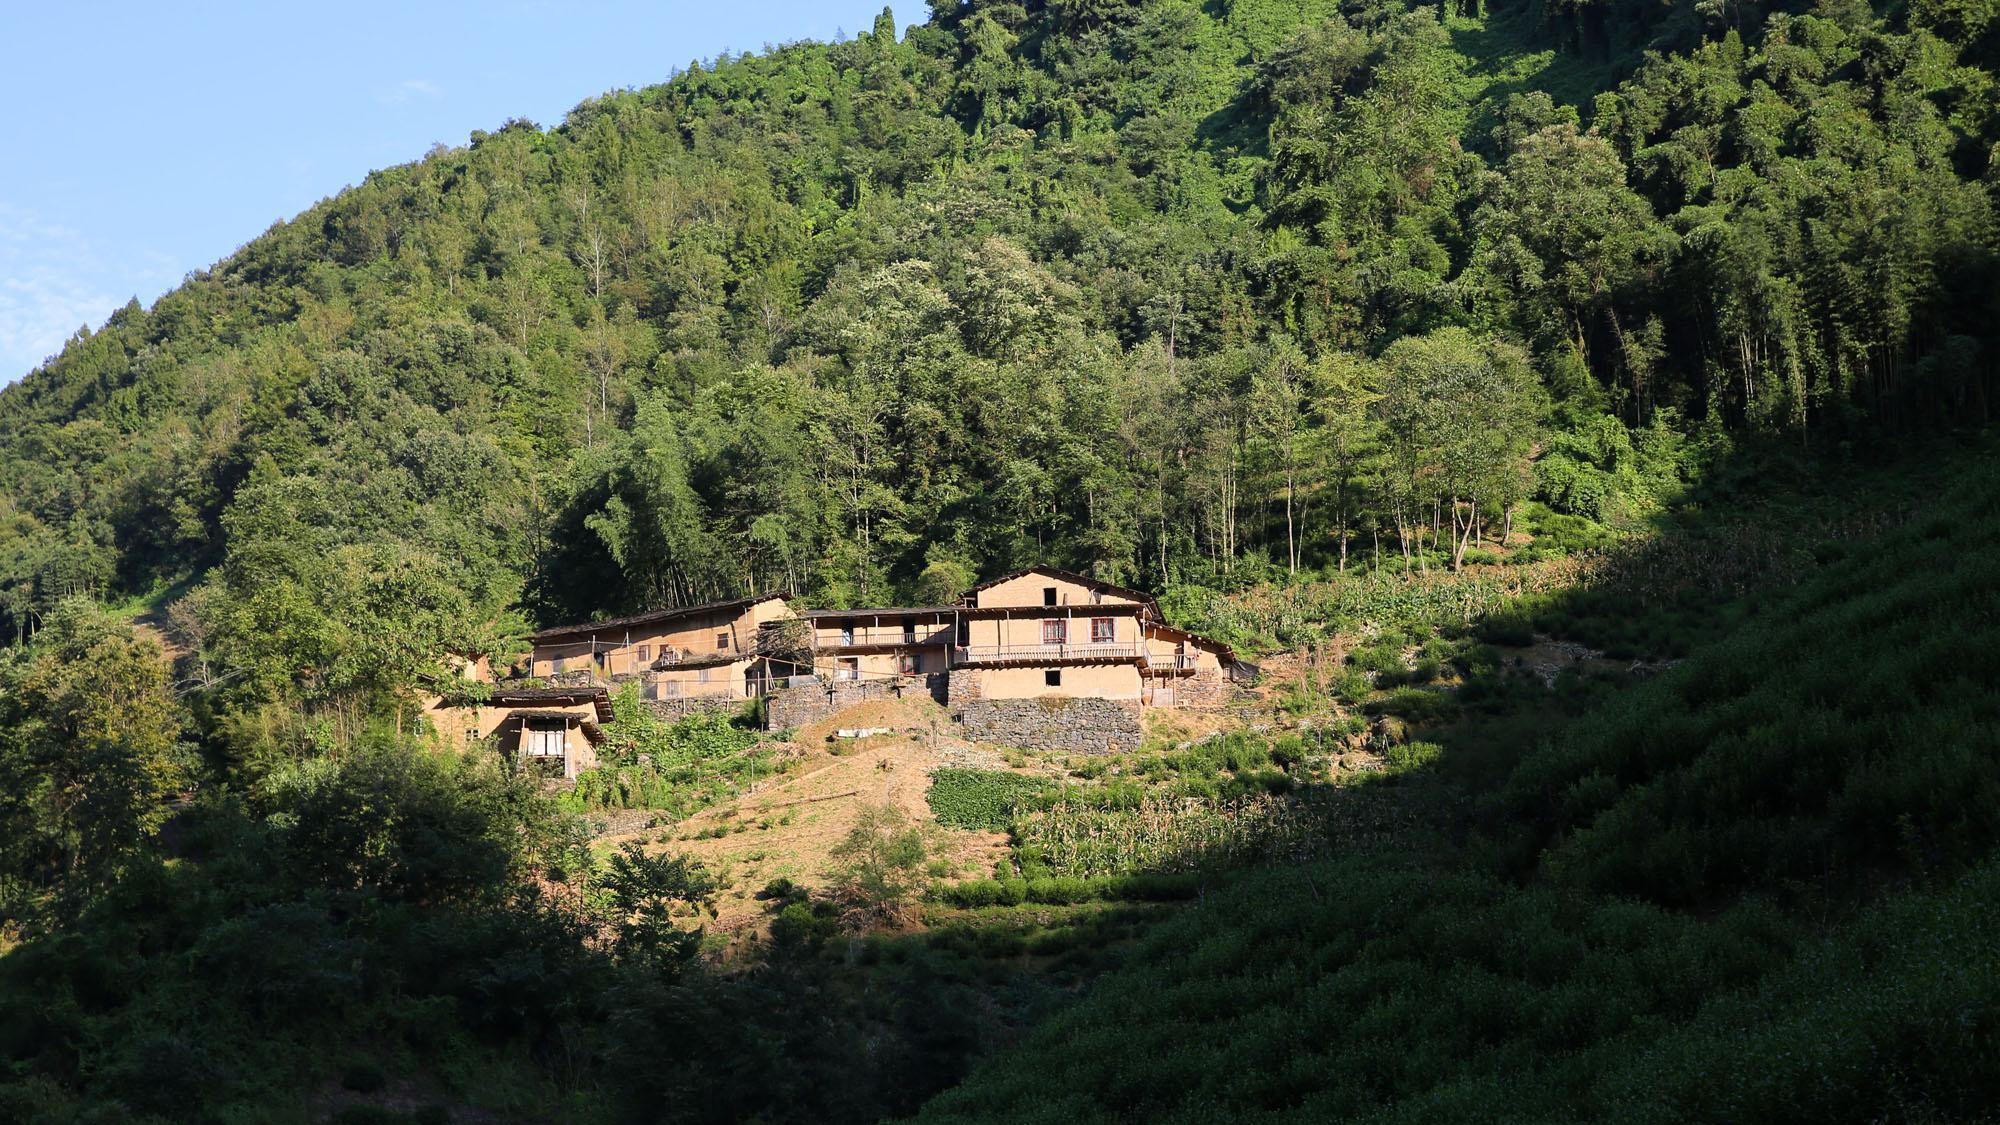 紫阳茶山上的石板房民居:绿色环抱,远看像山寨